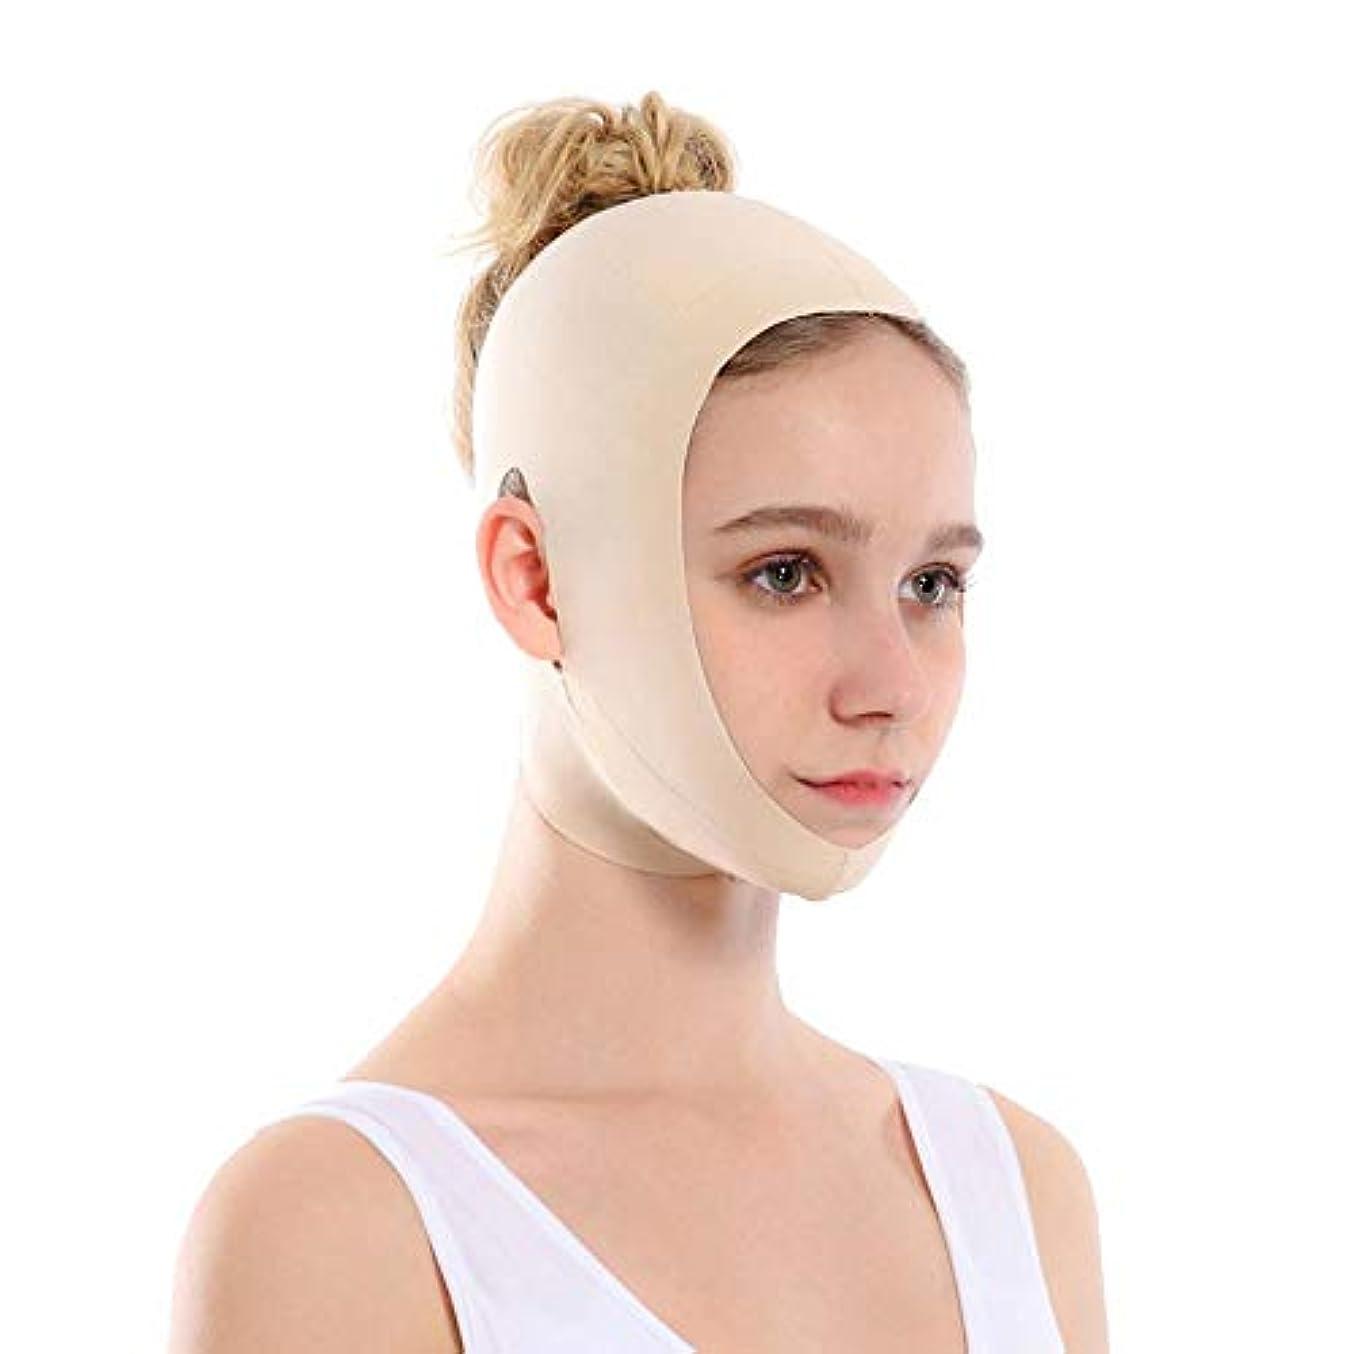 発言するファンプレゼンJia Jia- 顔を持ち上げるアーティファクトVフェイス包帯リフティング引き締め睡眠薄い顔を整形持ち上げる顔を二重あご矯正 - 肌の色 顔面包帯